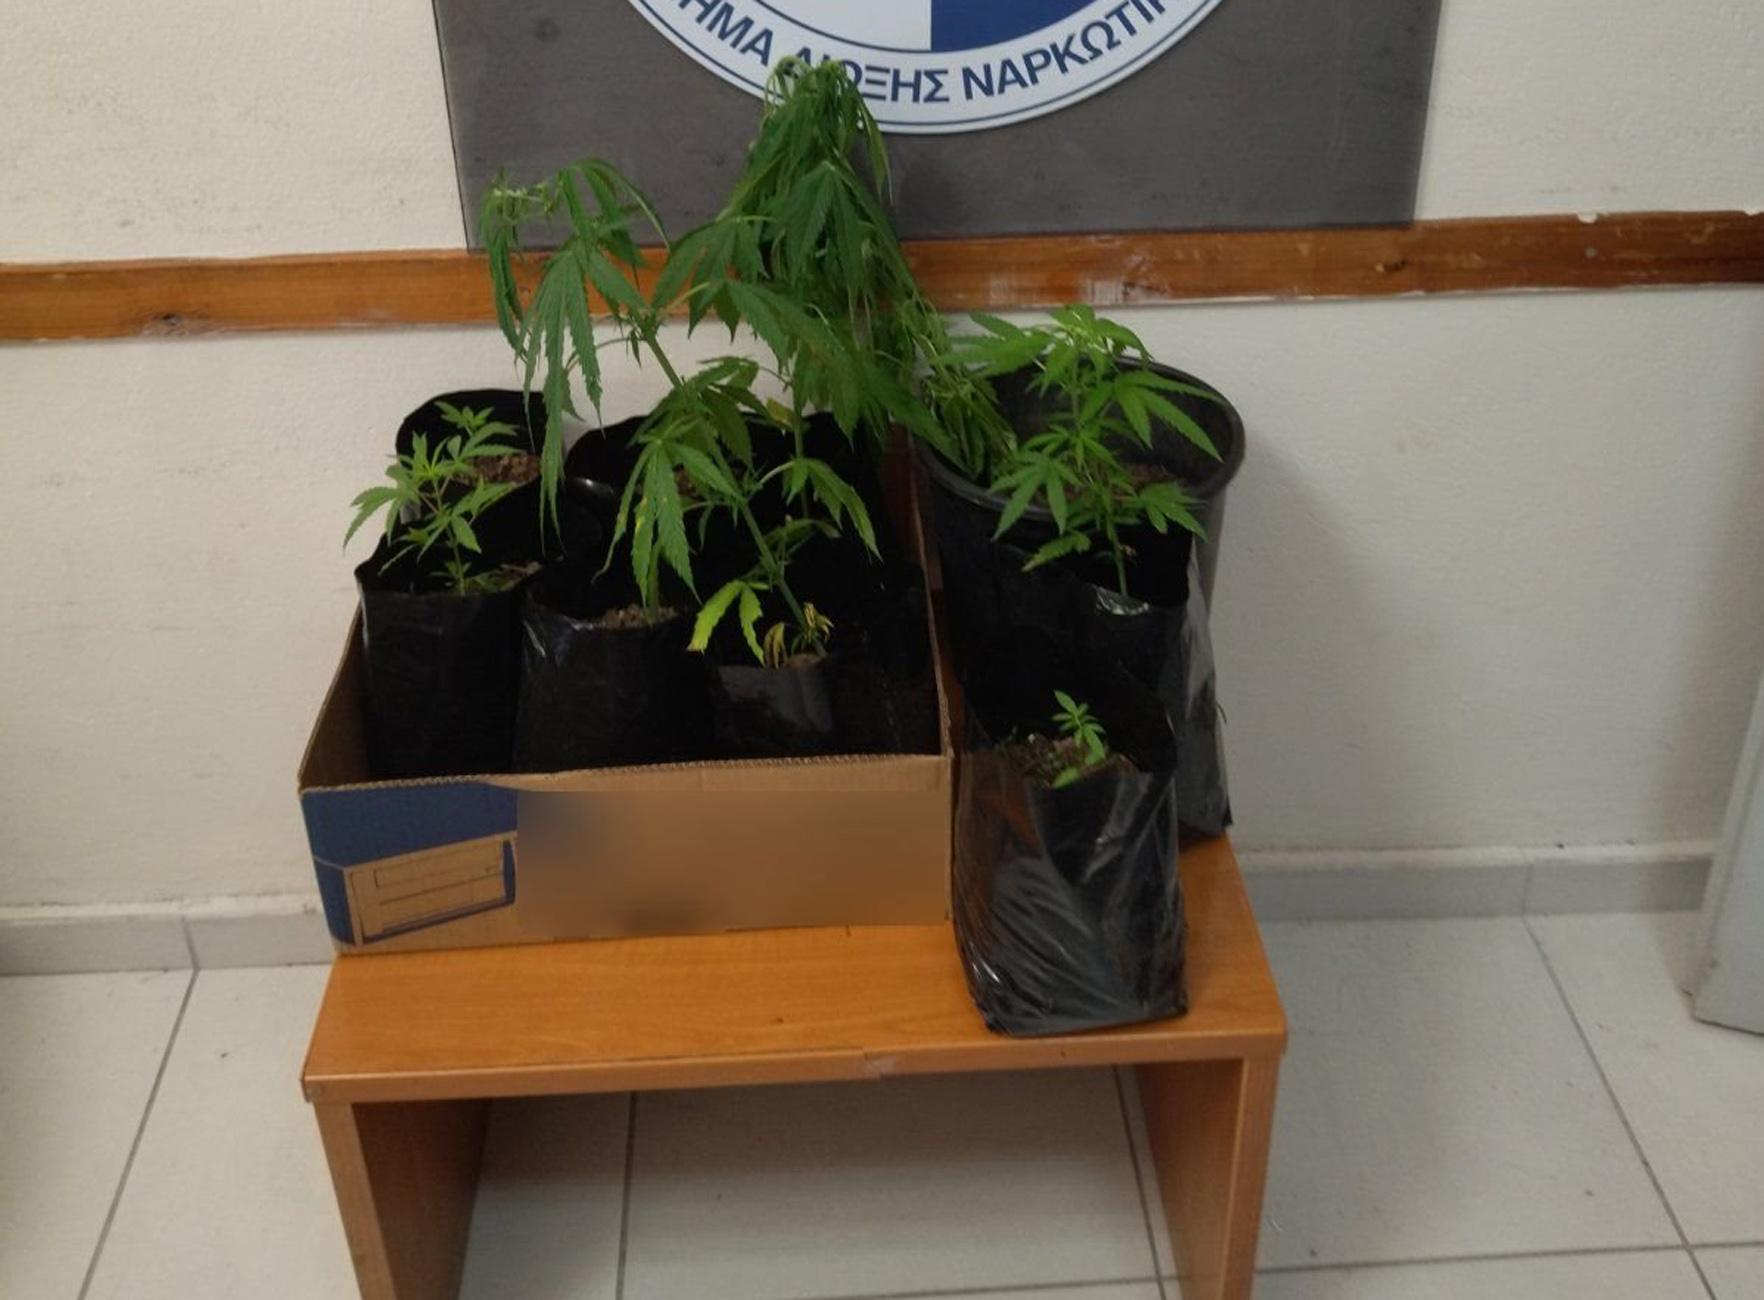 Είχαν πλημμυρίσει με χασίς και κοκαΐνη Θεσπρωτία και Πρέβεζα – 8 συλλήψεις